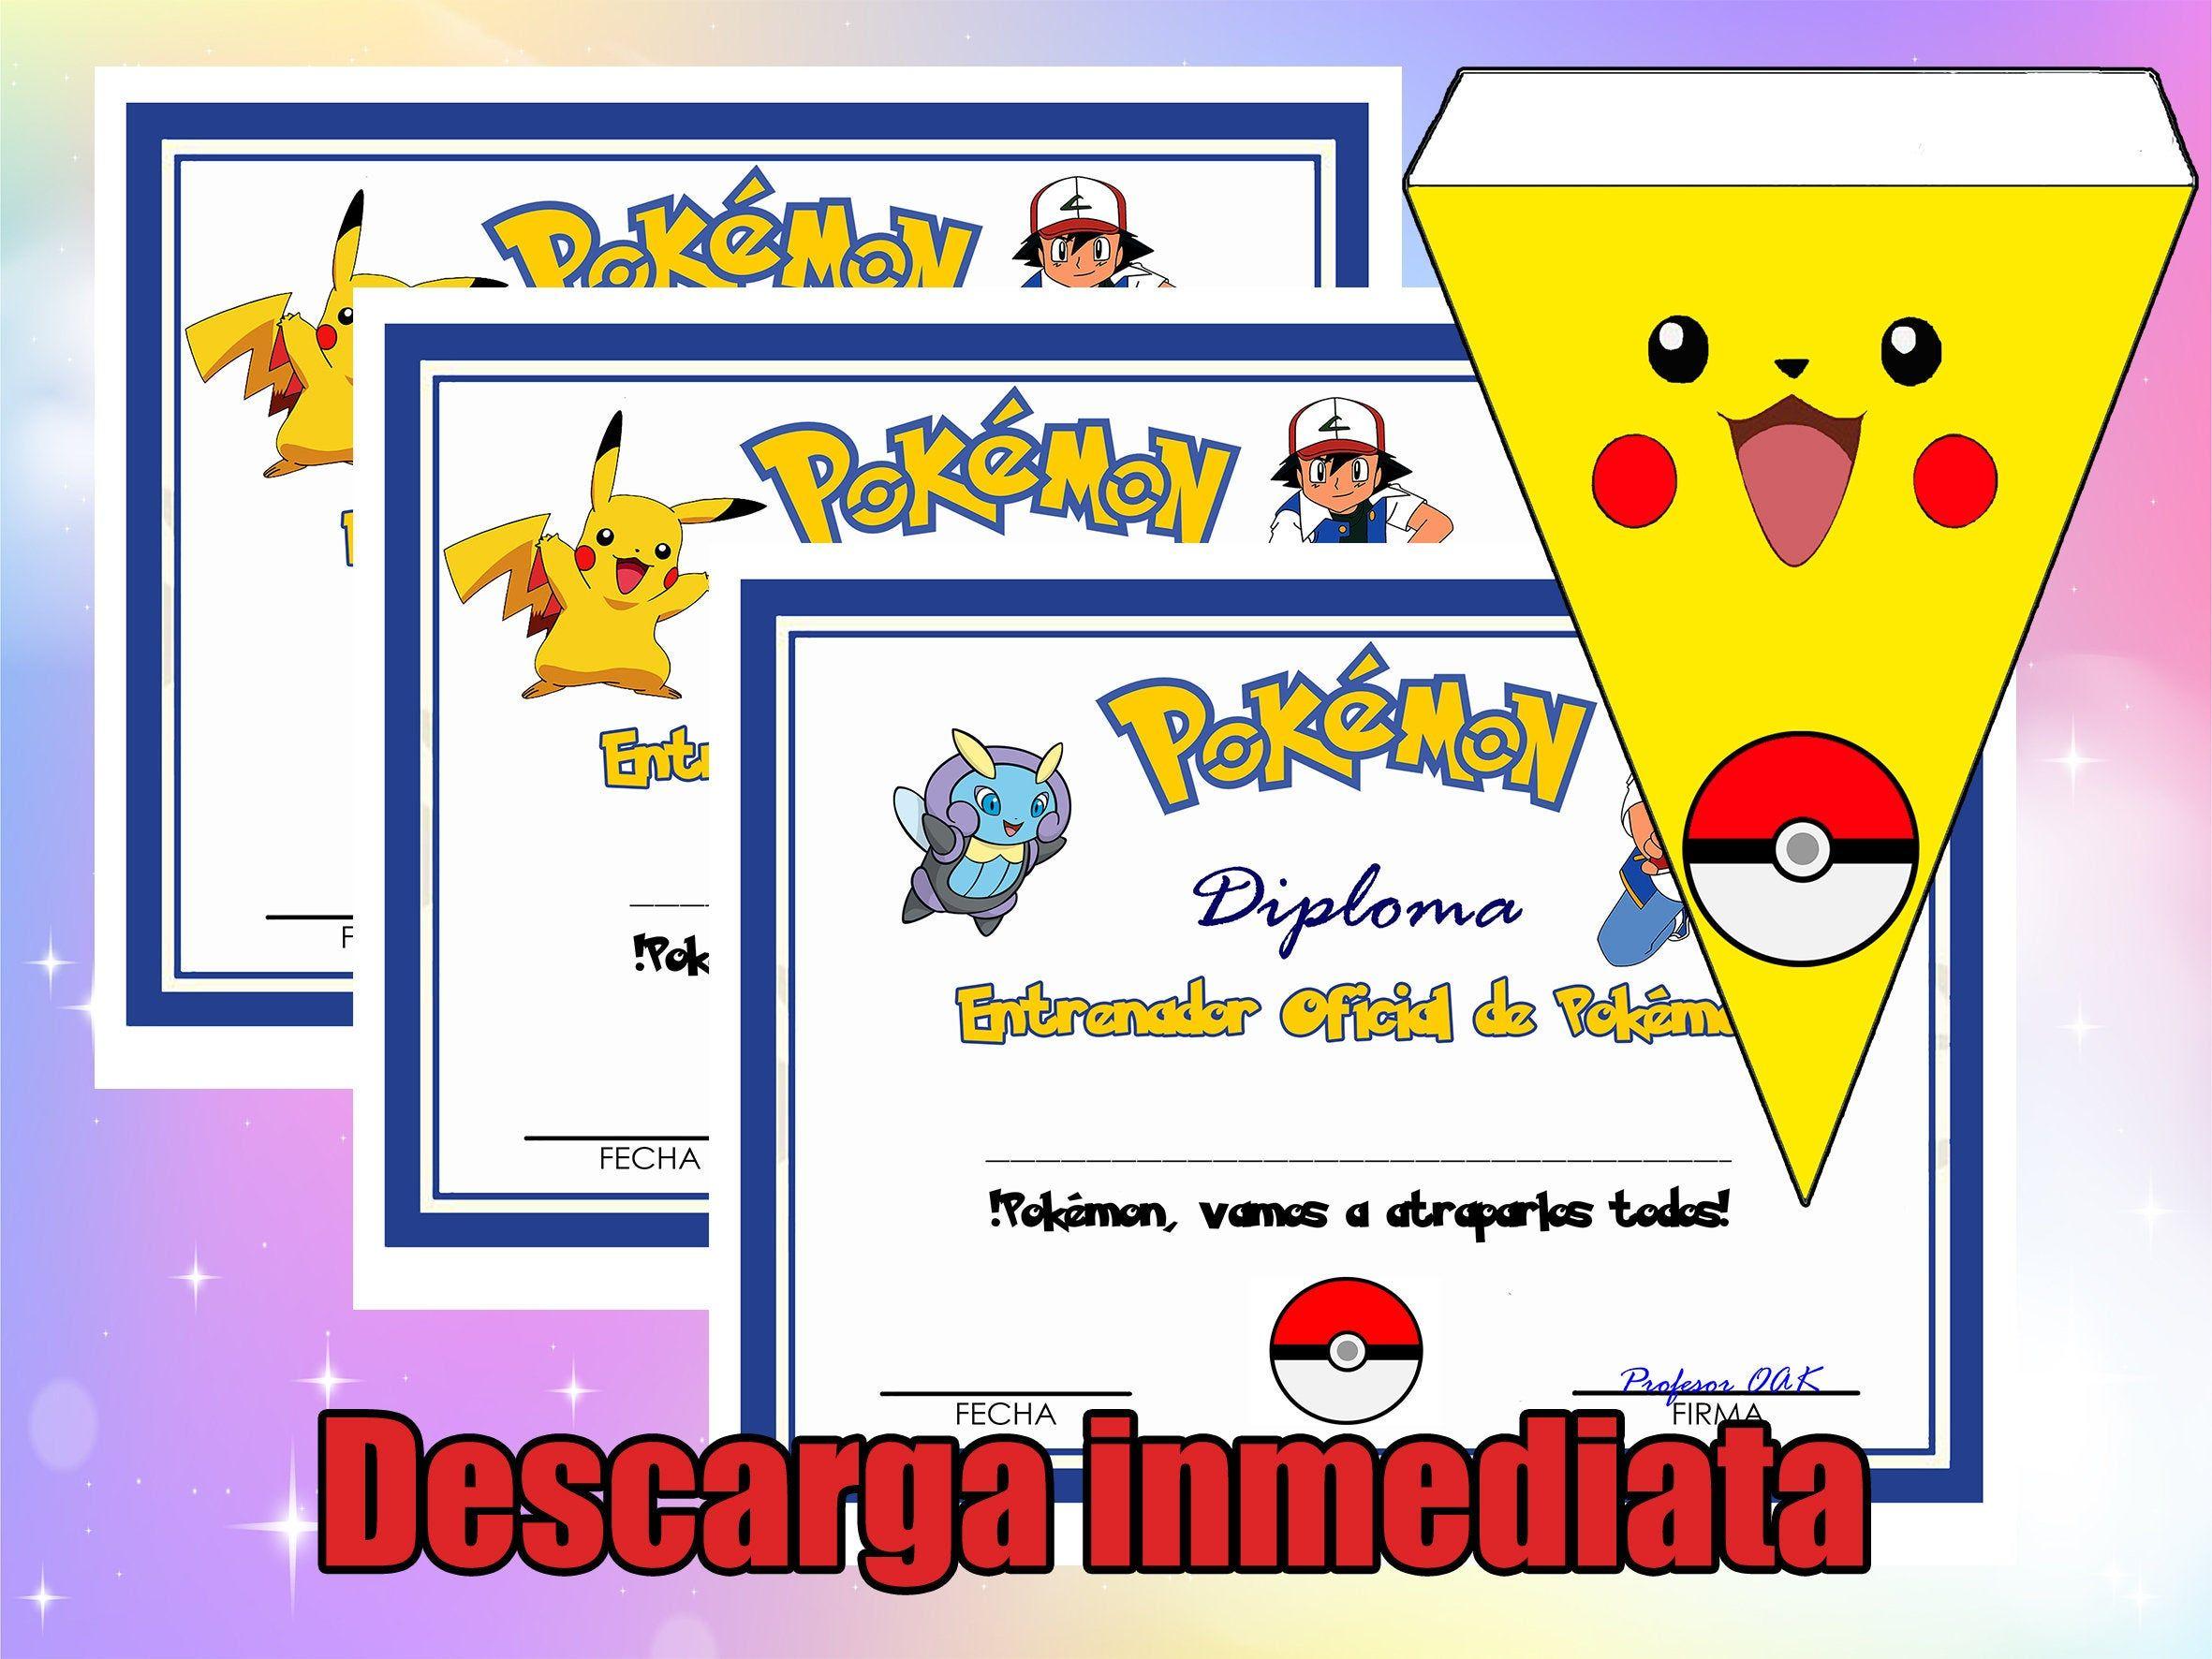 Diploma Juego Pokemon Go Pikachu Juego En Casa Fiesta De Cumpleaños Para Niños Banderas De Decoracion Certificado Espa Juegos De Pokemon Pokemon Pokemon Go